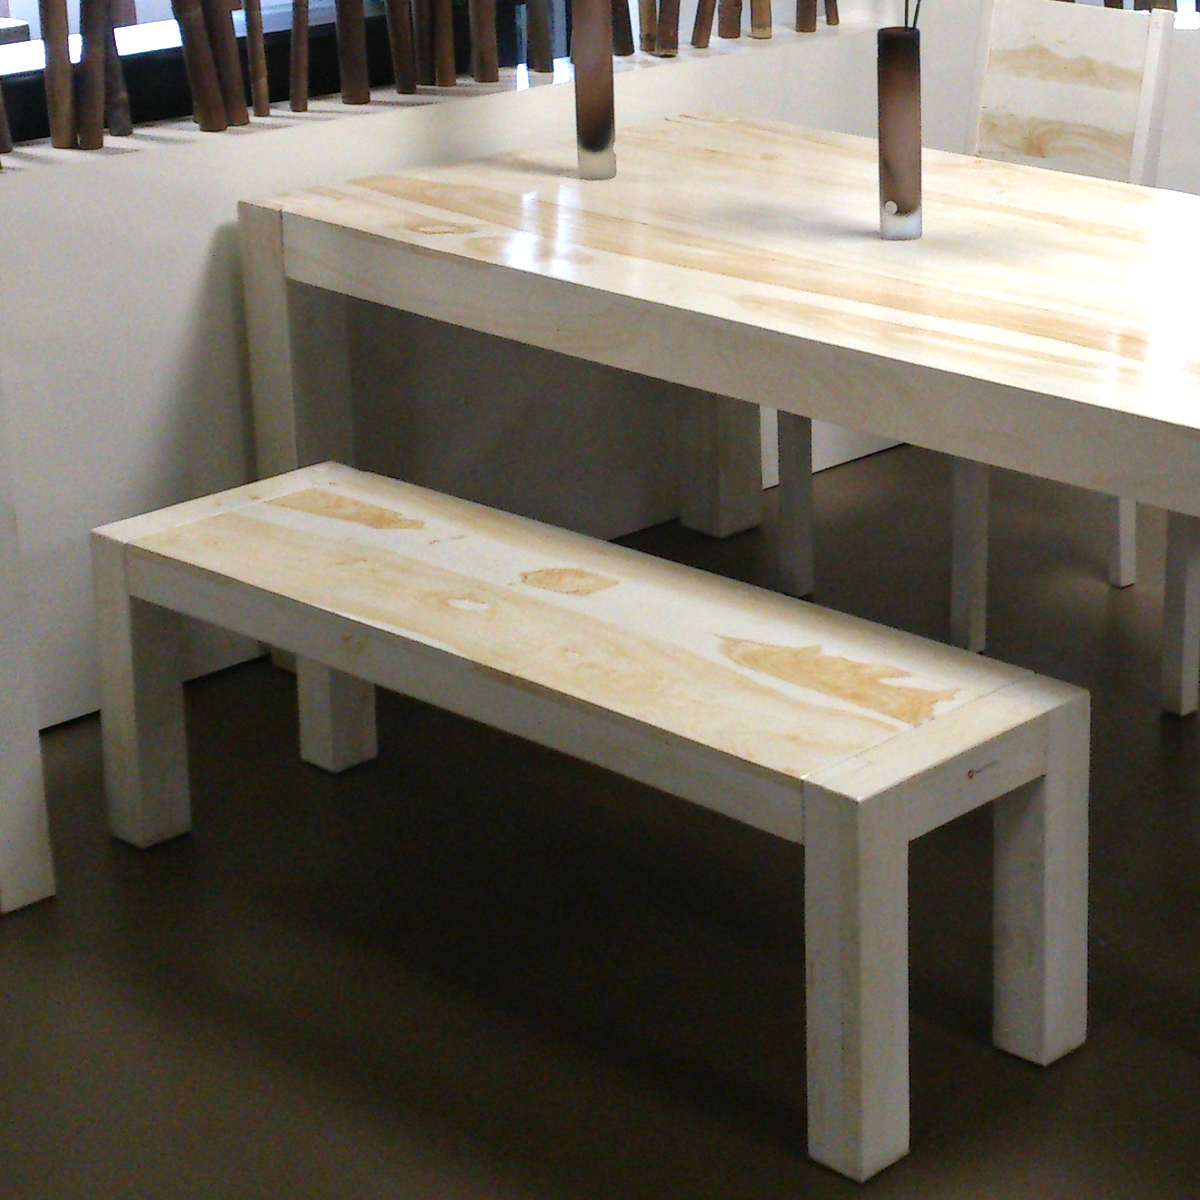 Entzückend Yoga Möbel Das Beste Von Bank-yoga-6536-sheesham-massivholz-farbe-marble-140cm-